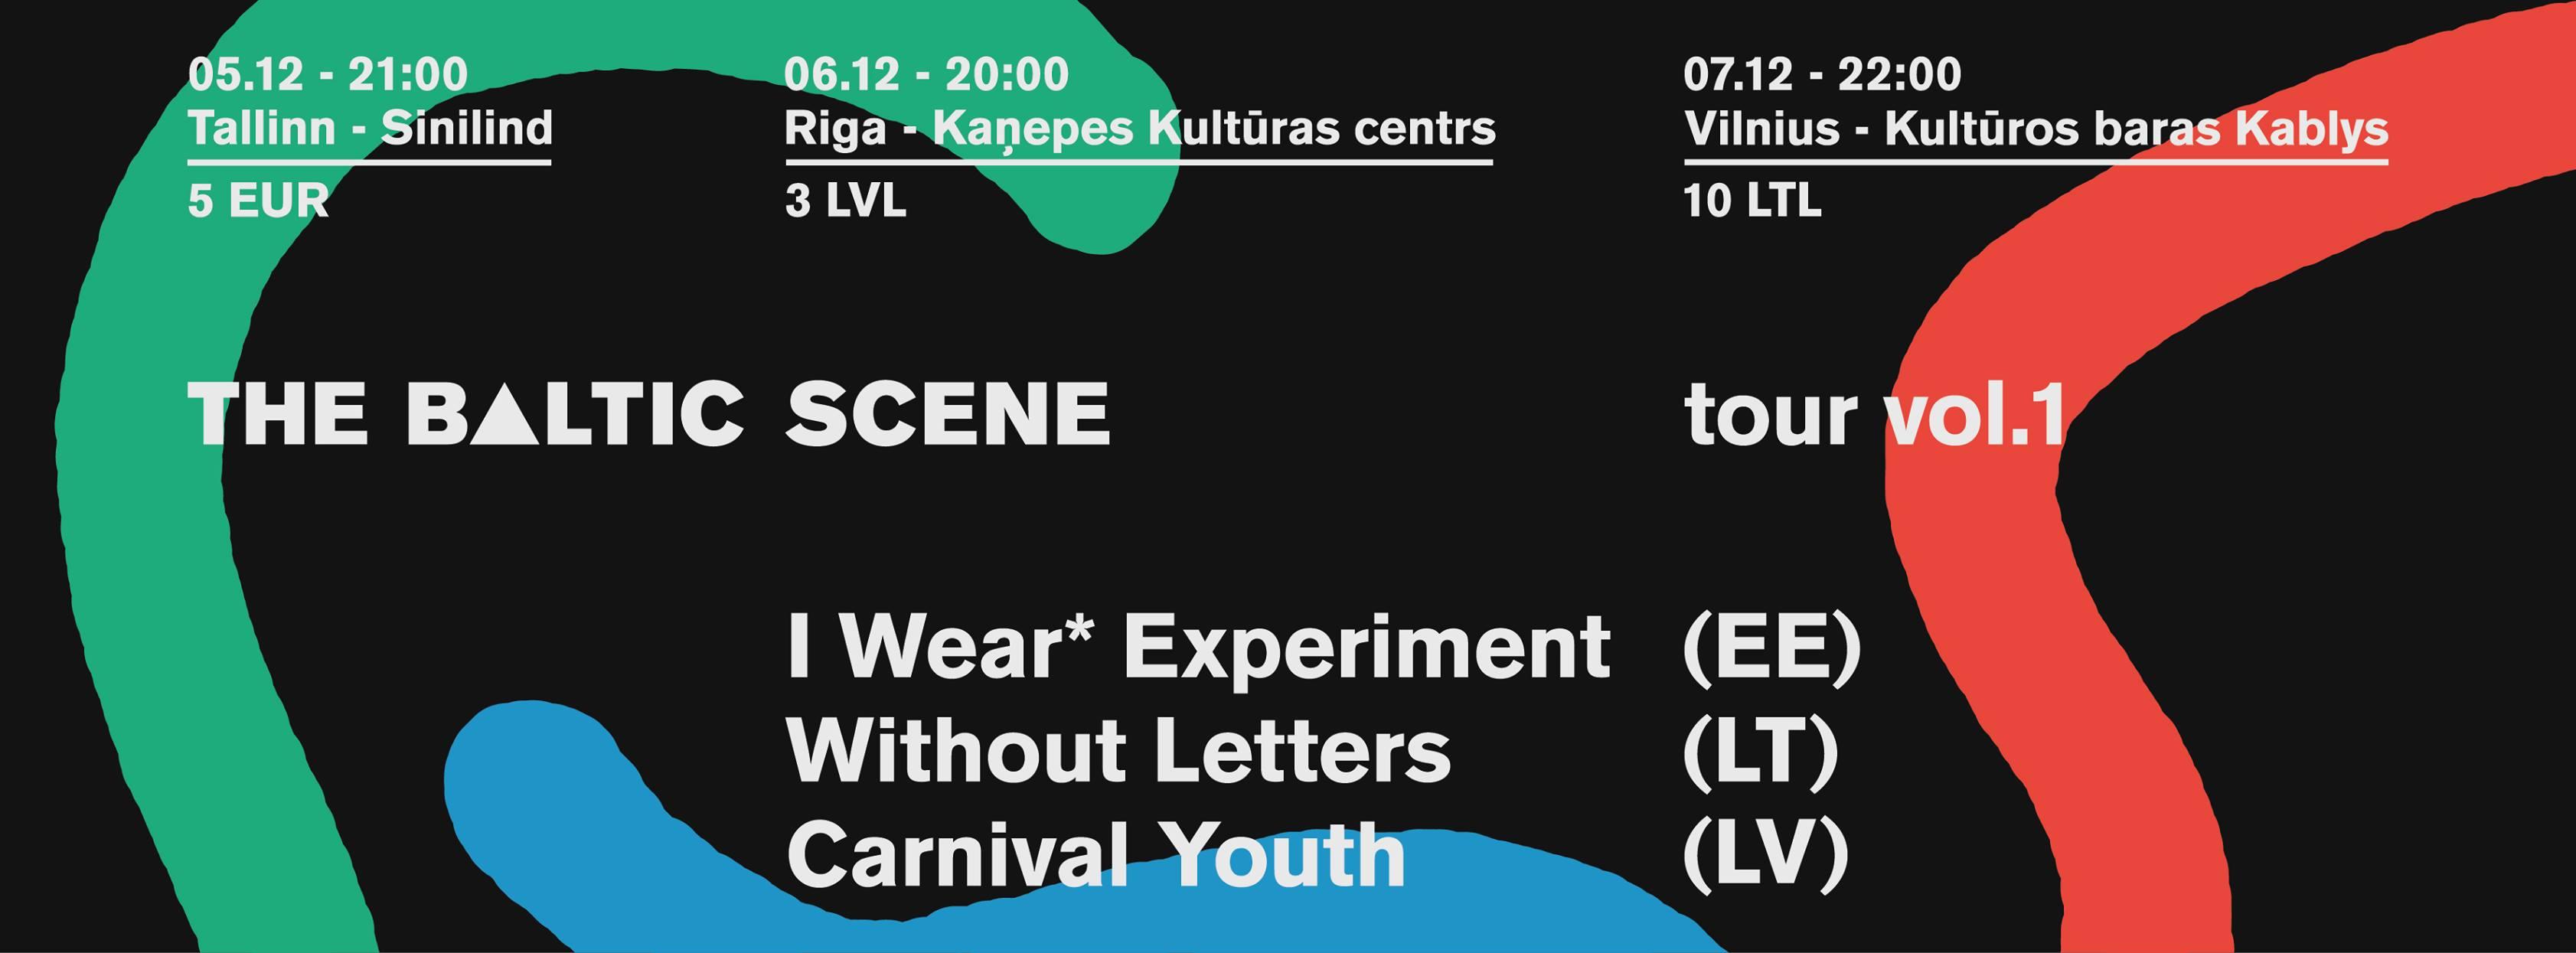 The Baltic Scene tour vol1